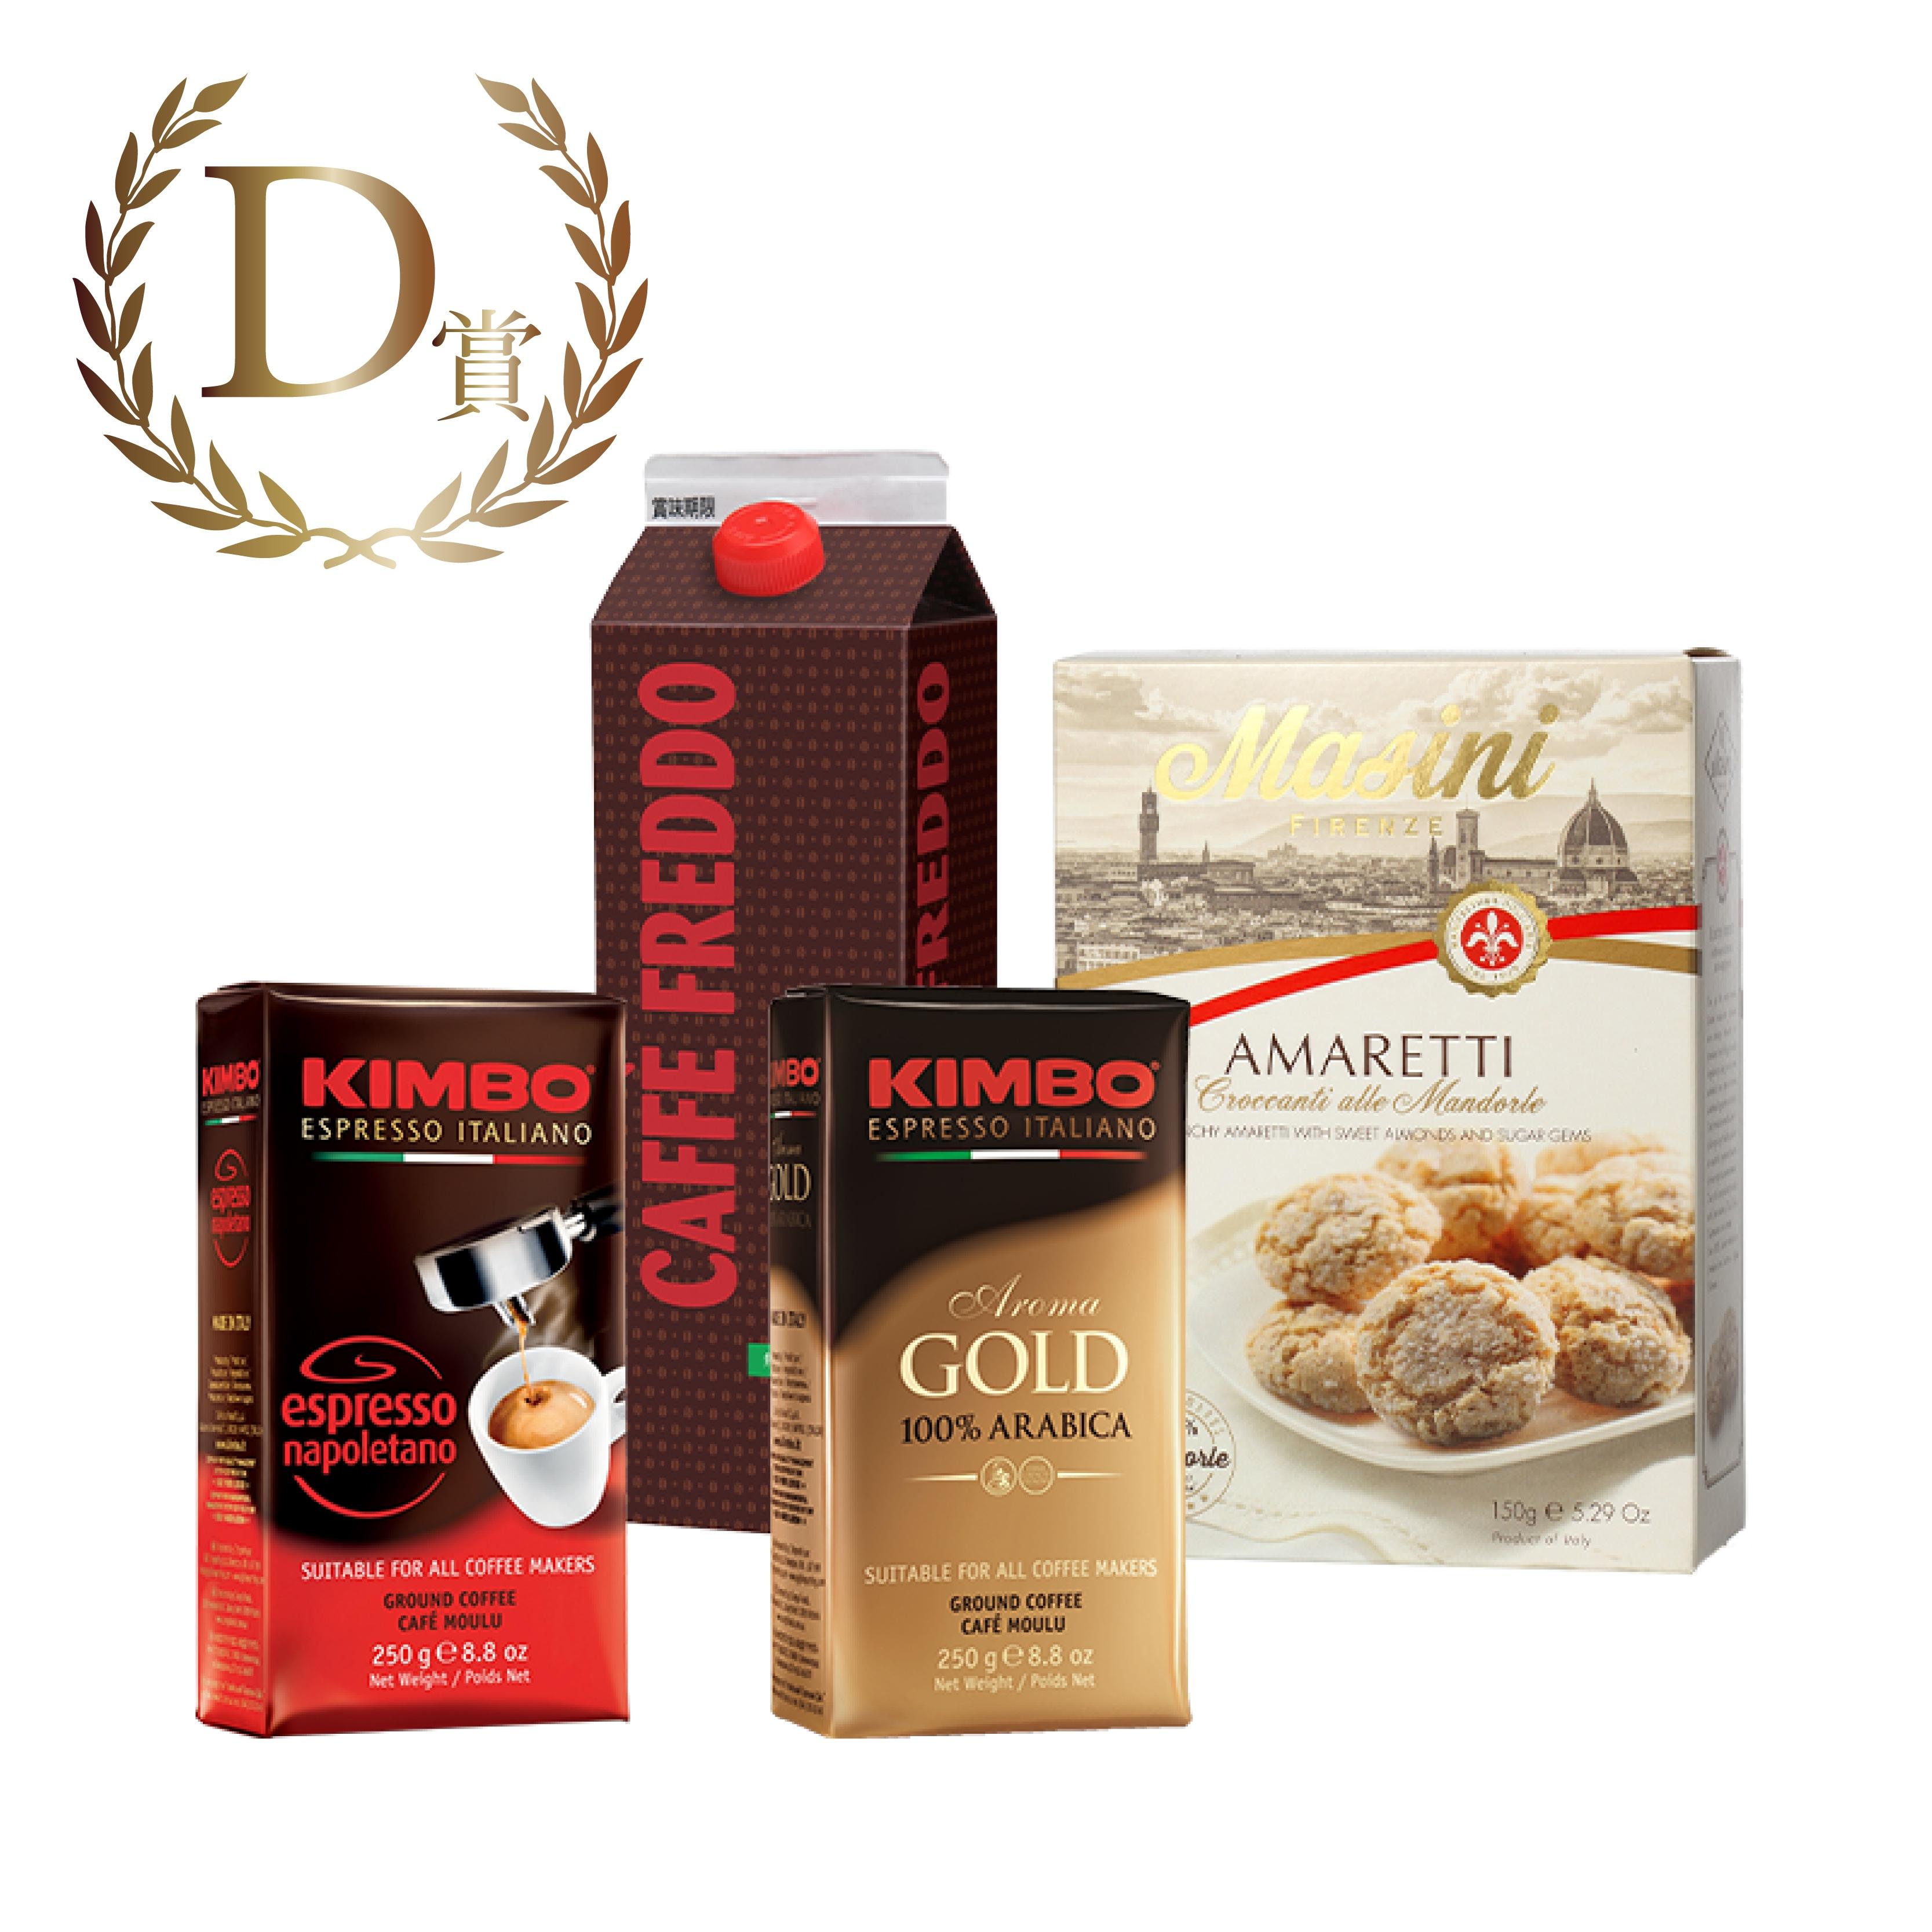 D賞:【コーヒー好きの方へ】コク深く美味しいコーヒーで素敵なカフェタイムを